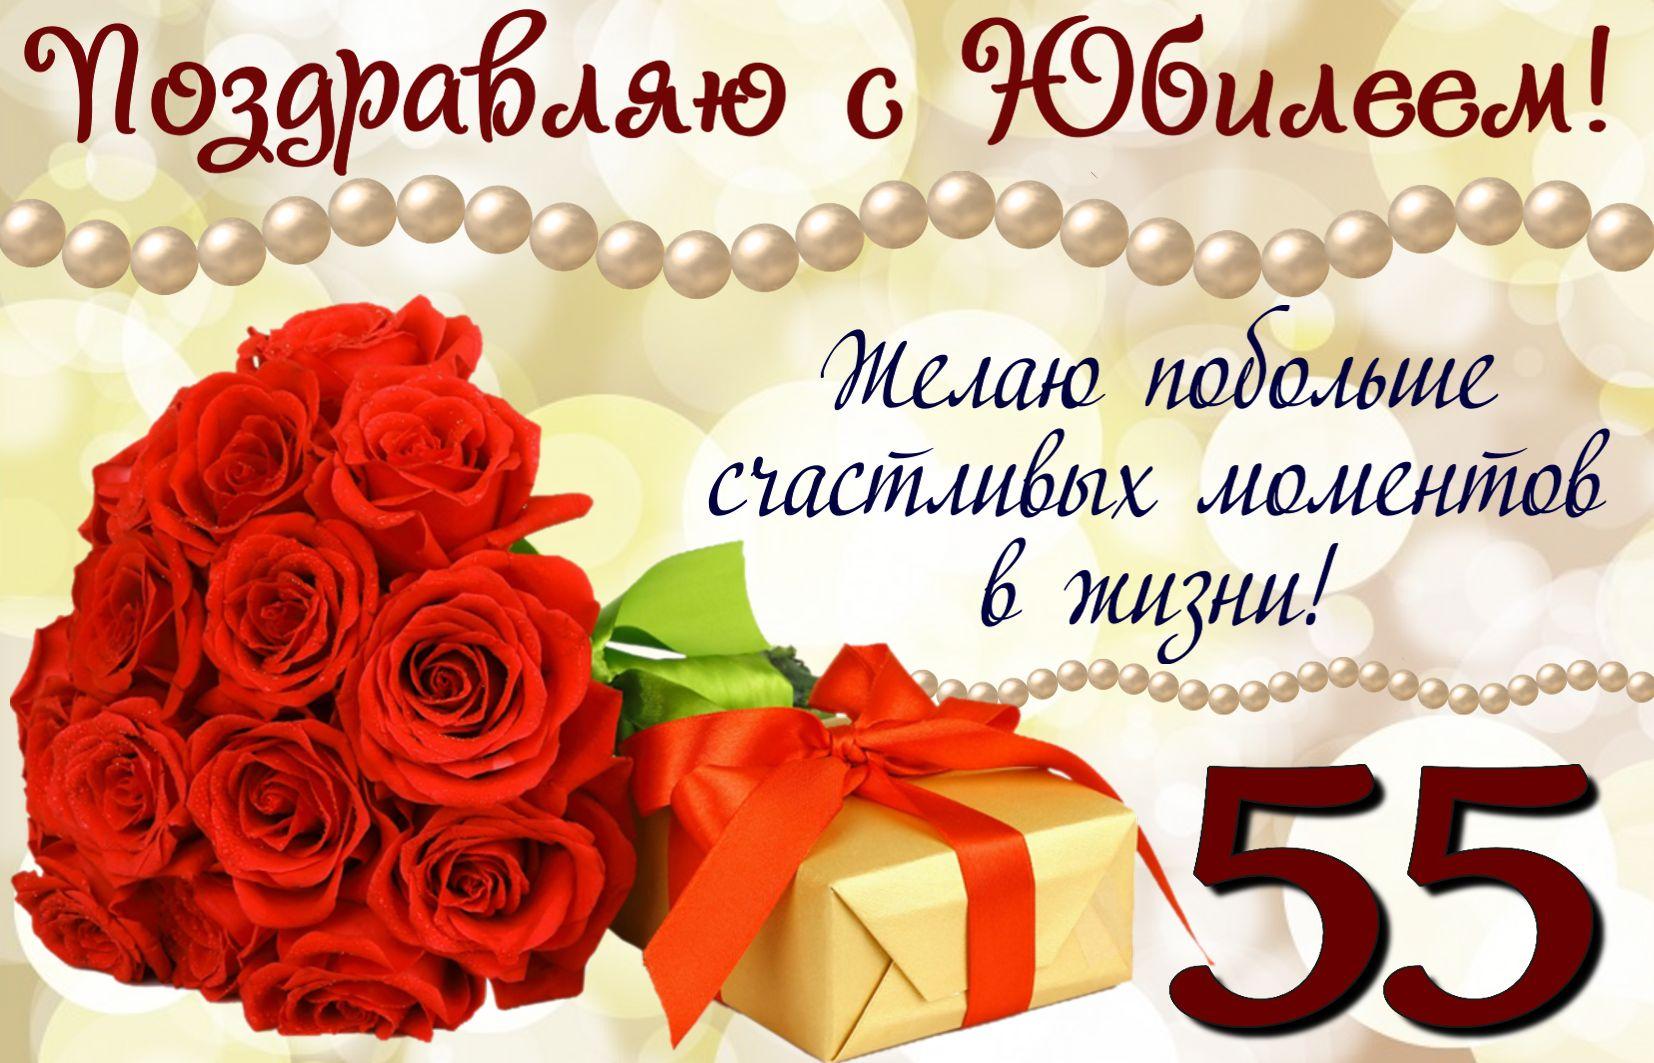 Смешные поздравления 55 летием